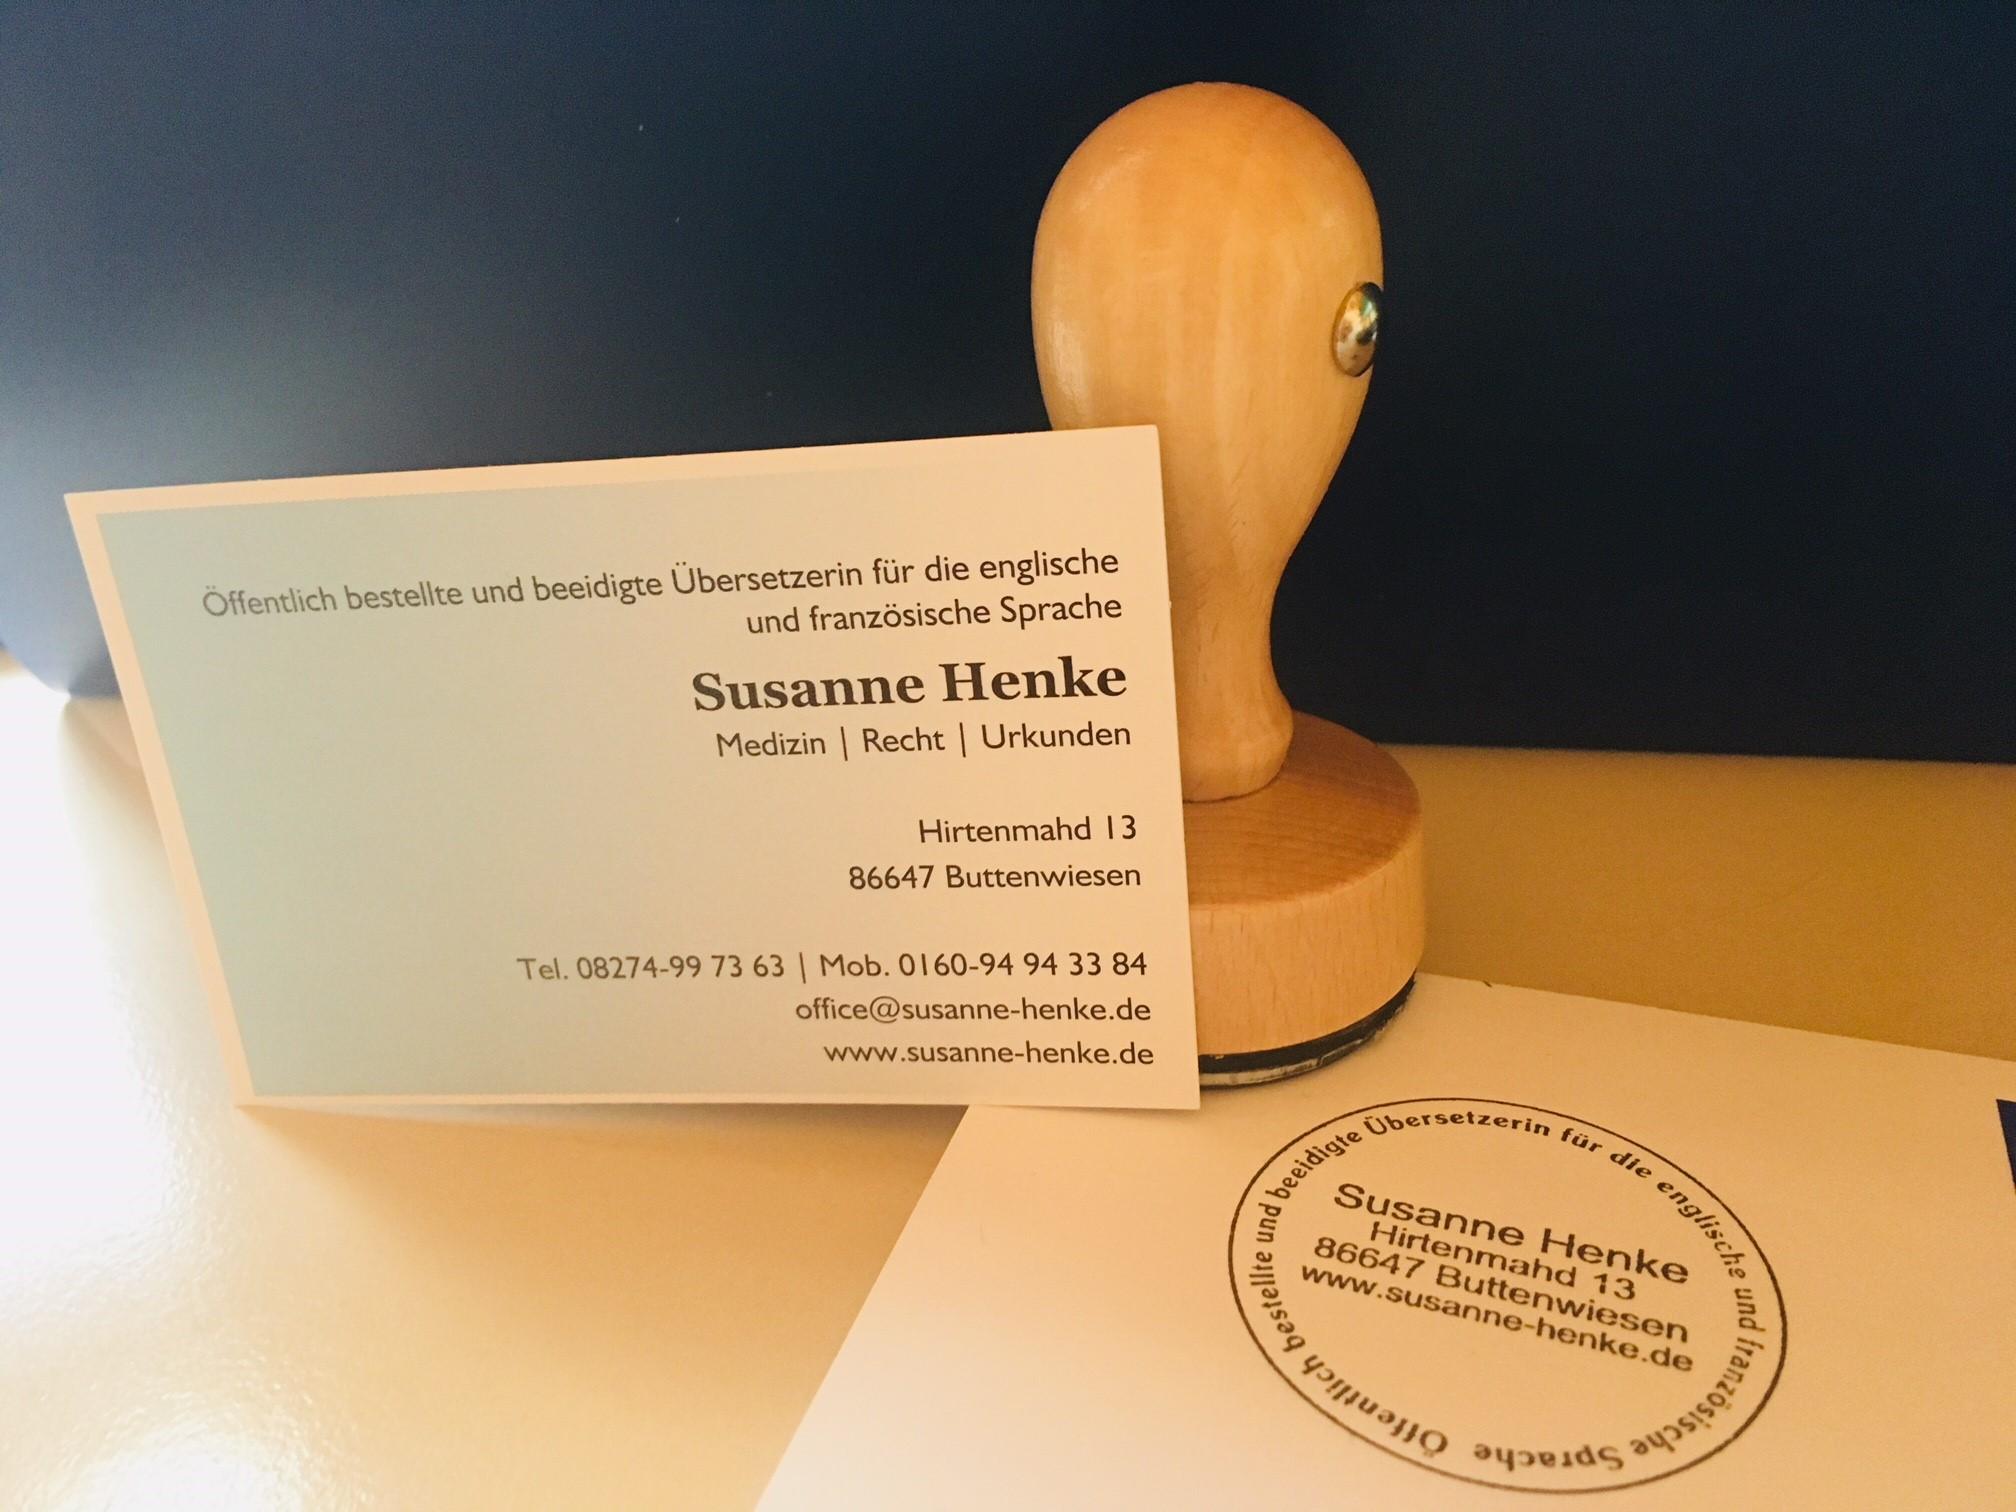 Ausführliches Profil Susanne Henke übersetzungen Medizin